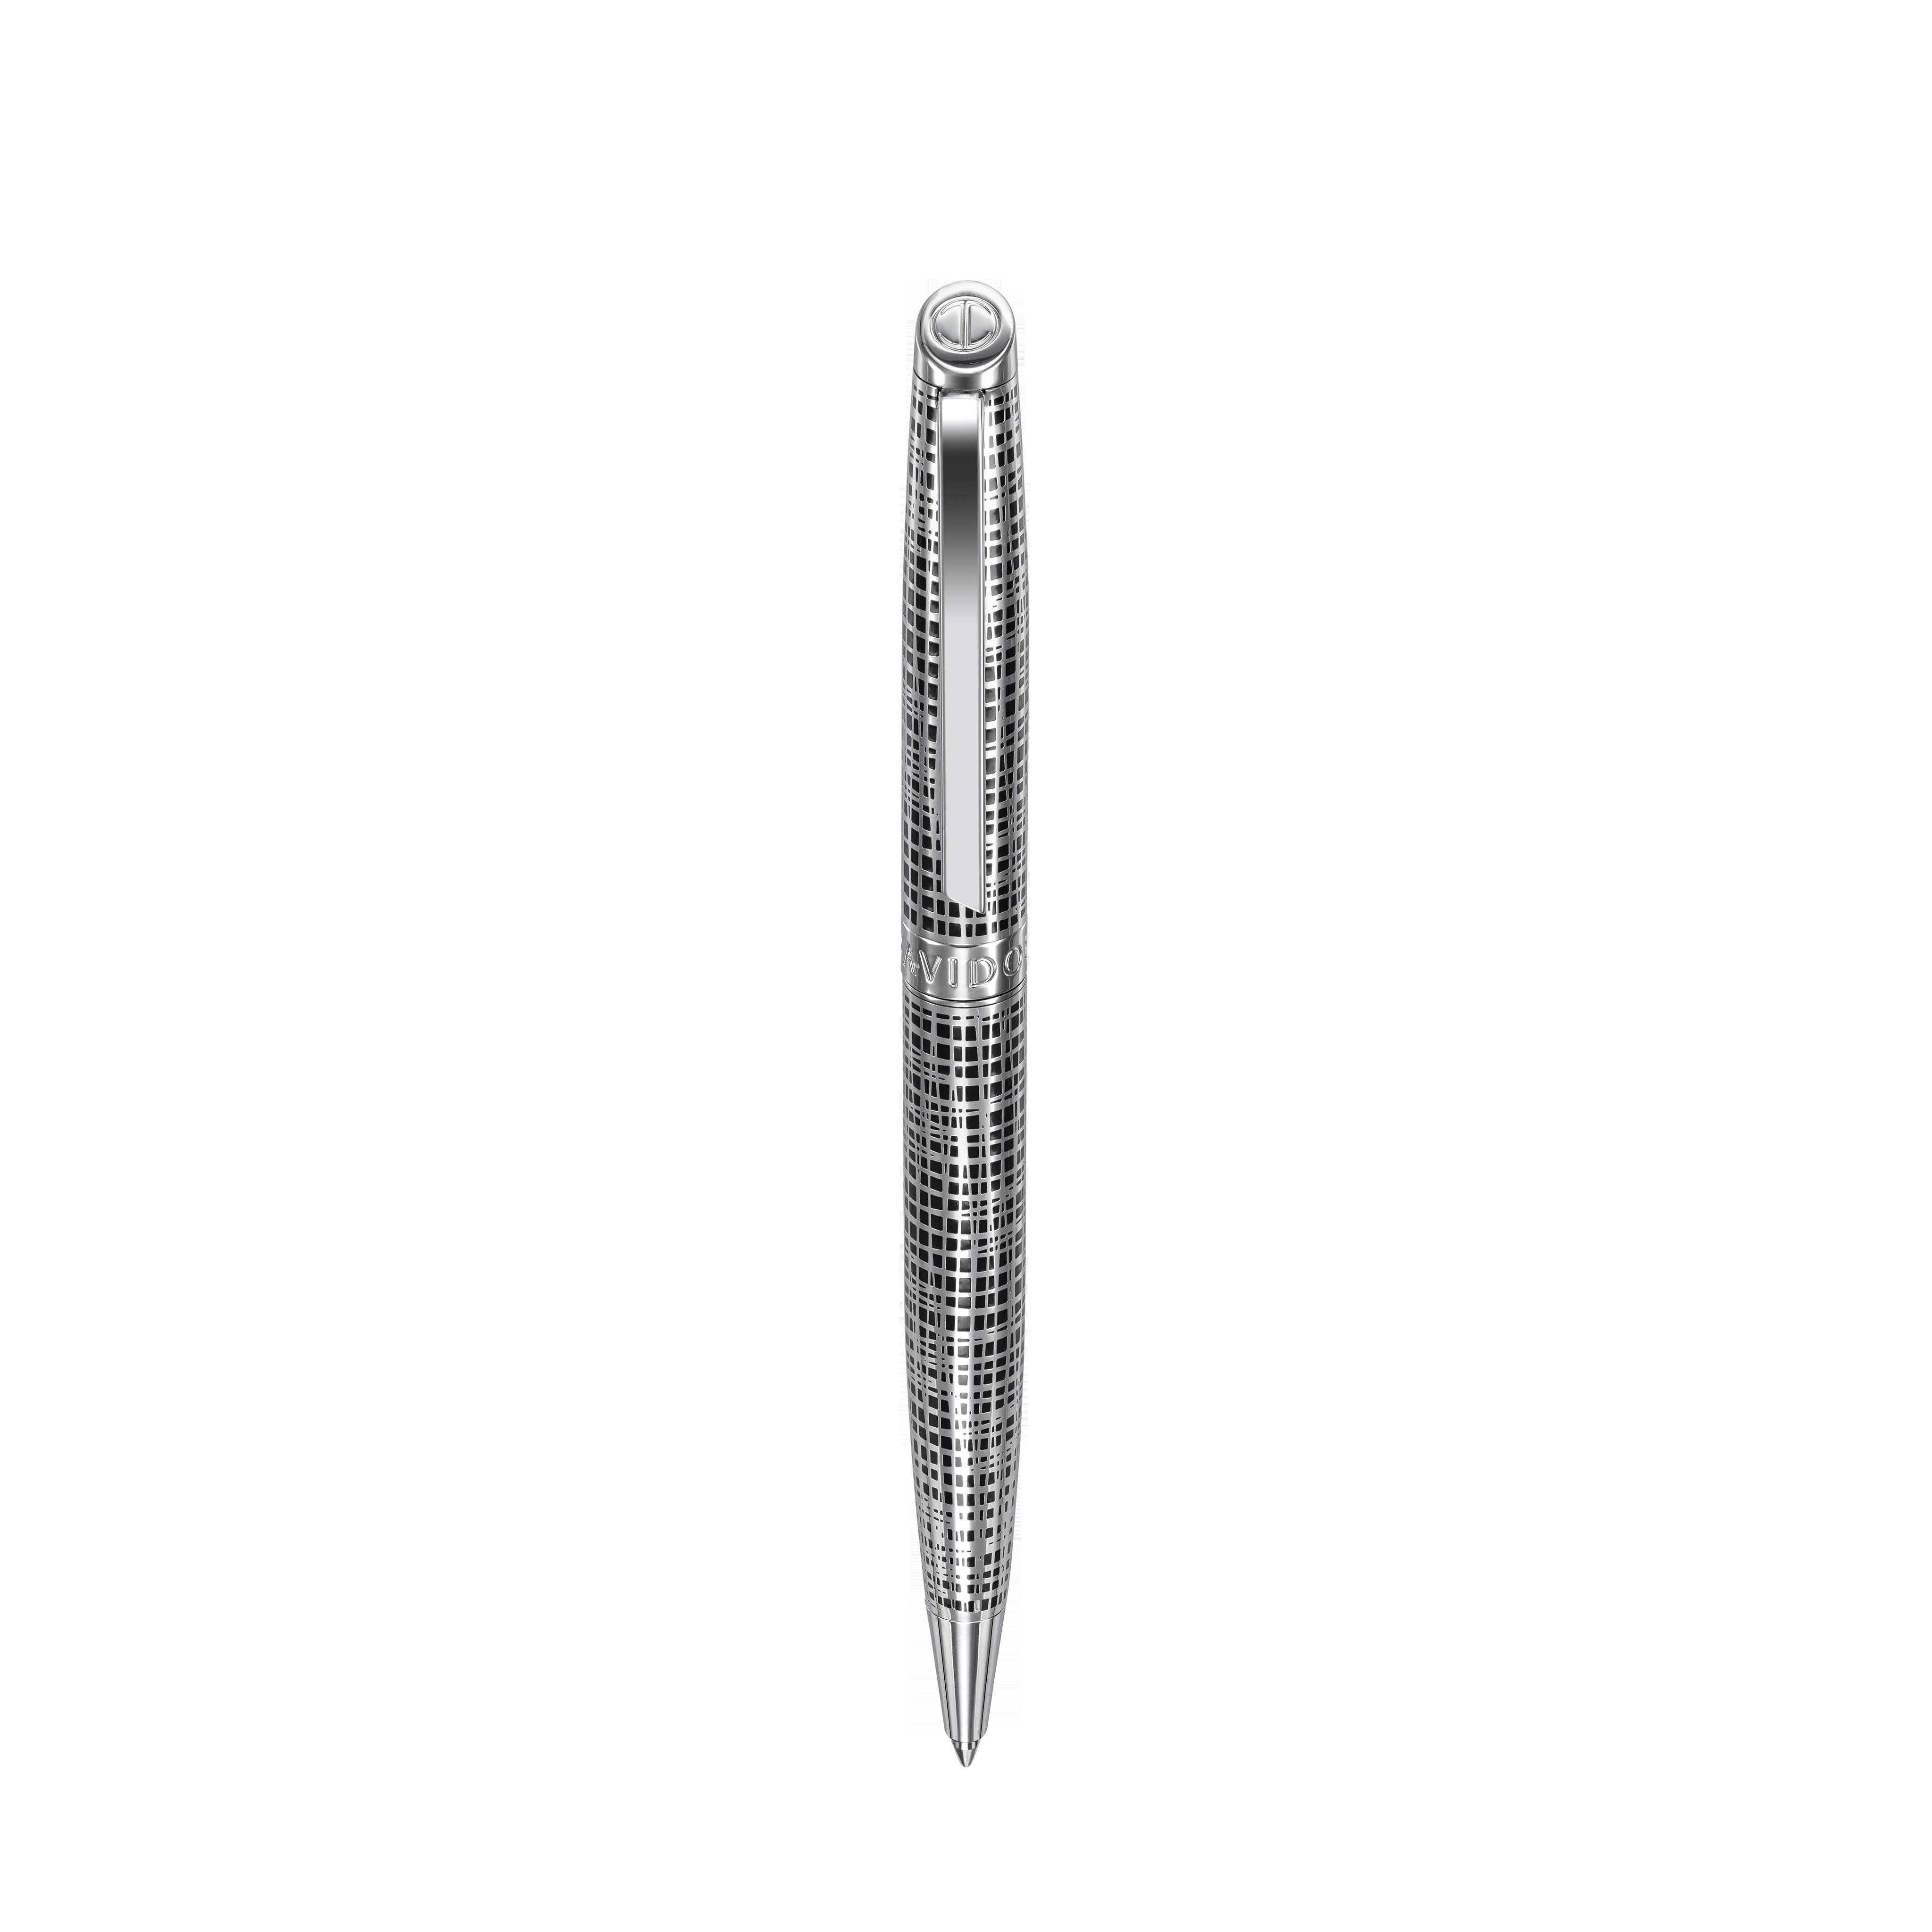 DAVIDOFF Crossroads ballpoint pen